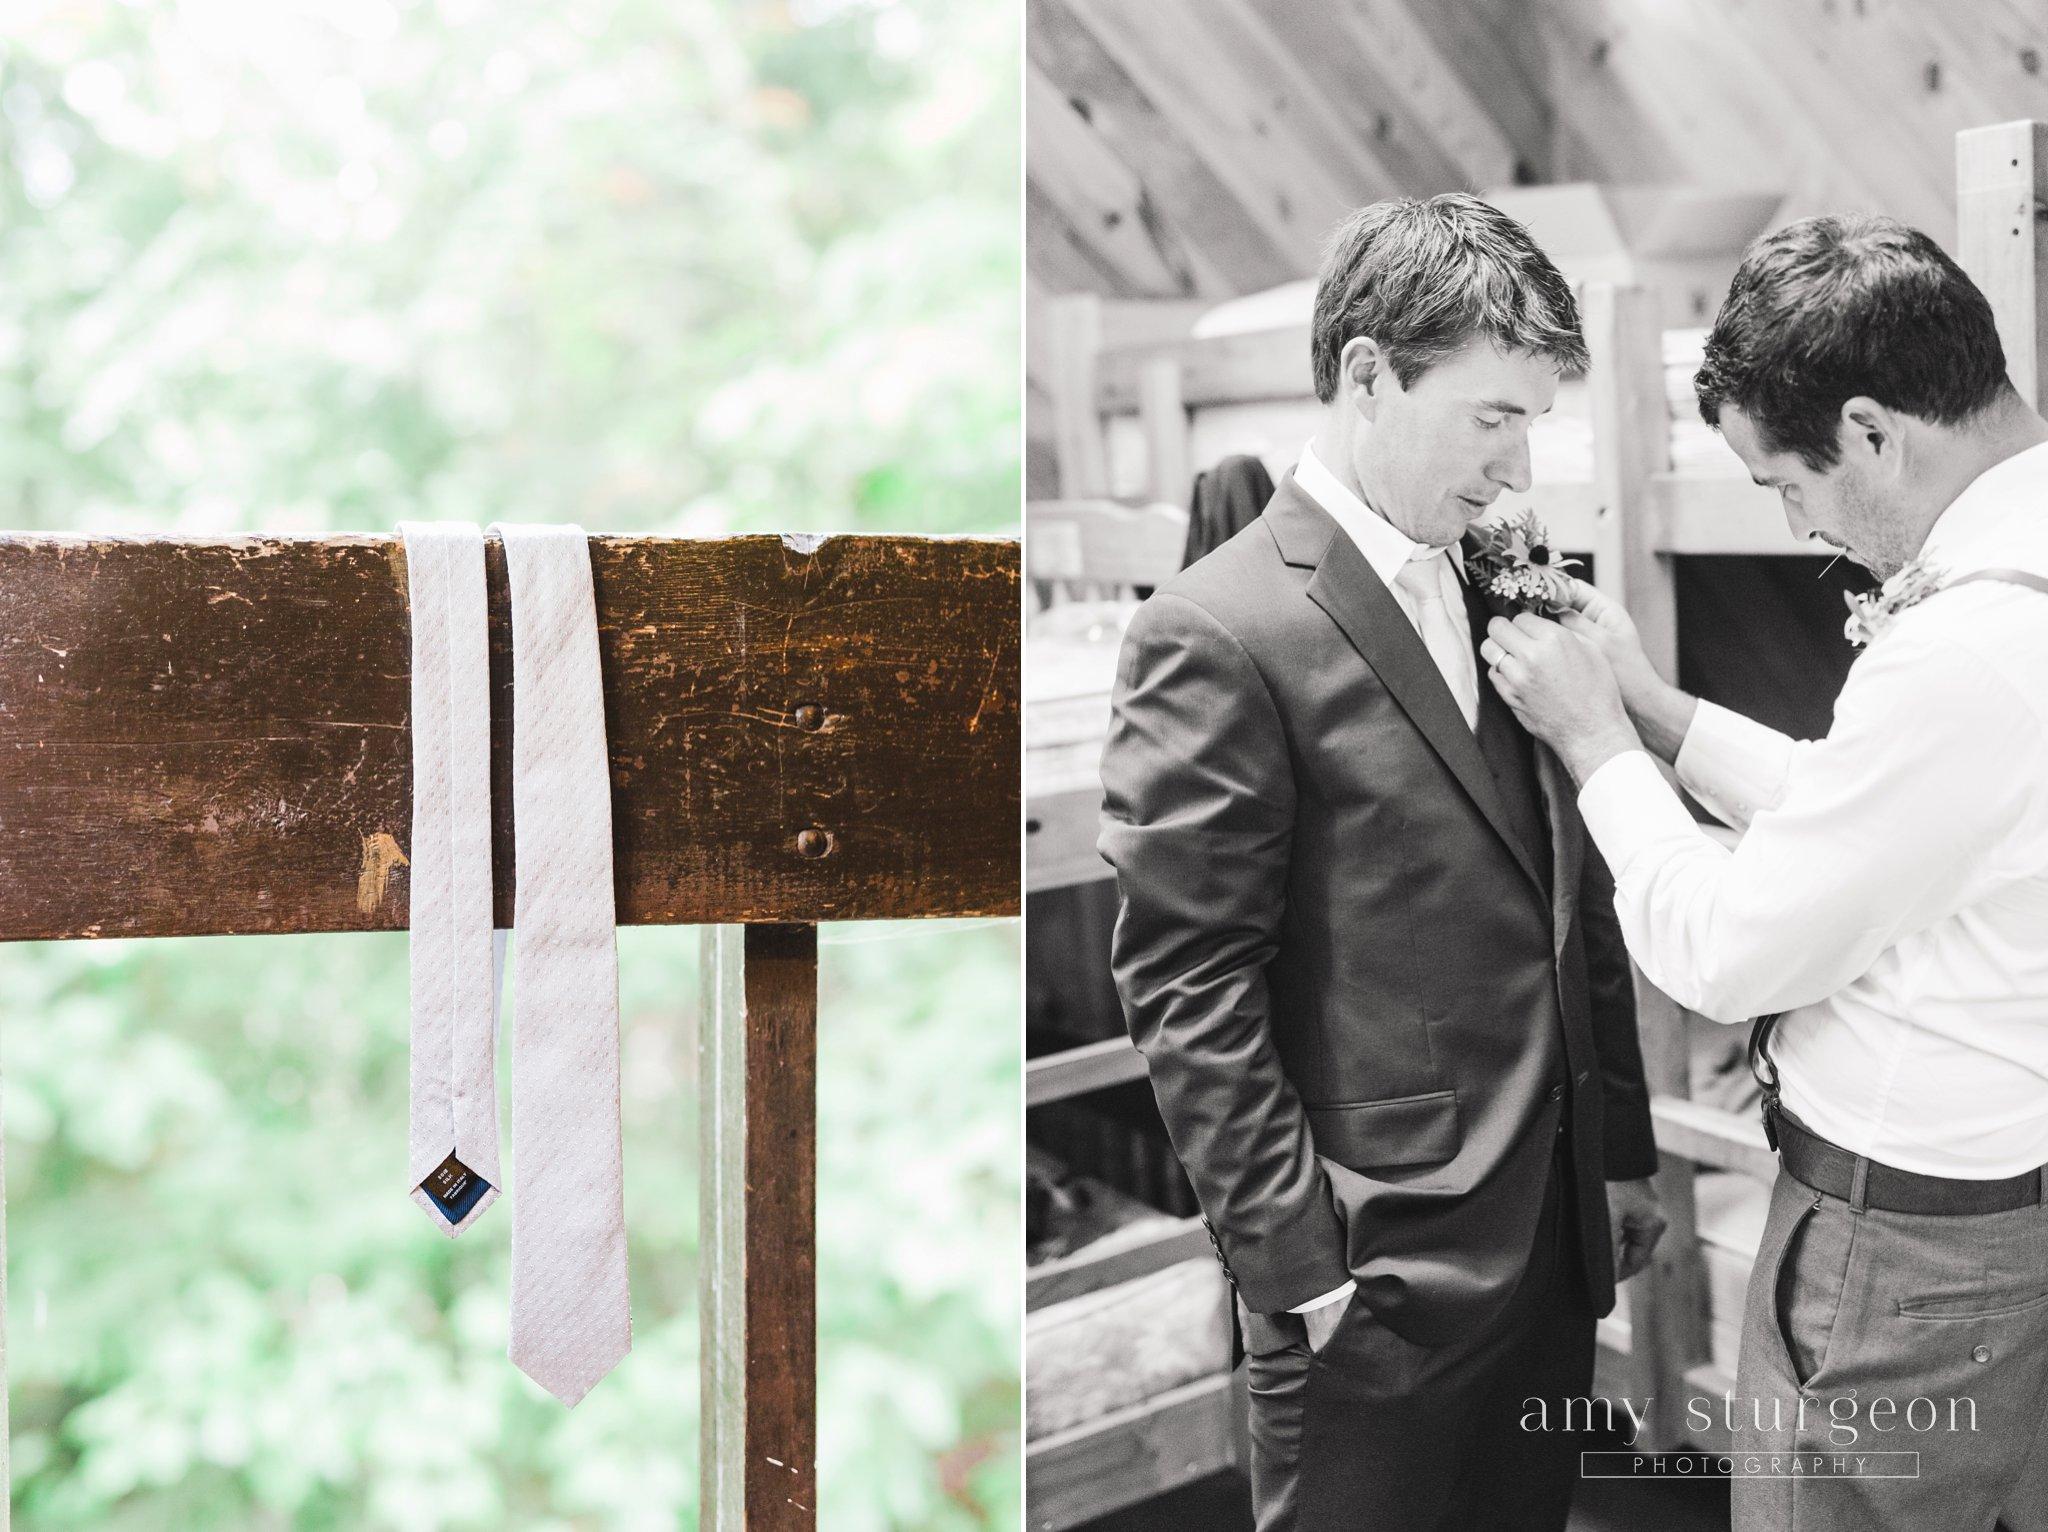 amy-sturgeon-photography_stonefields-wedding_ottawa_1301